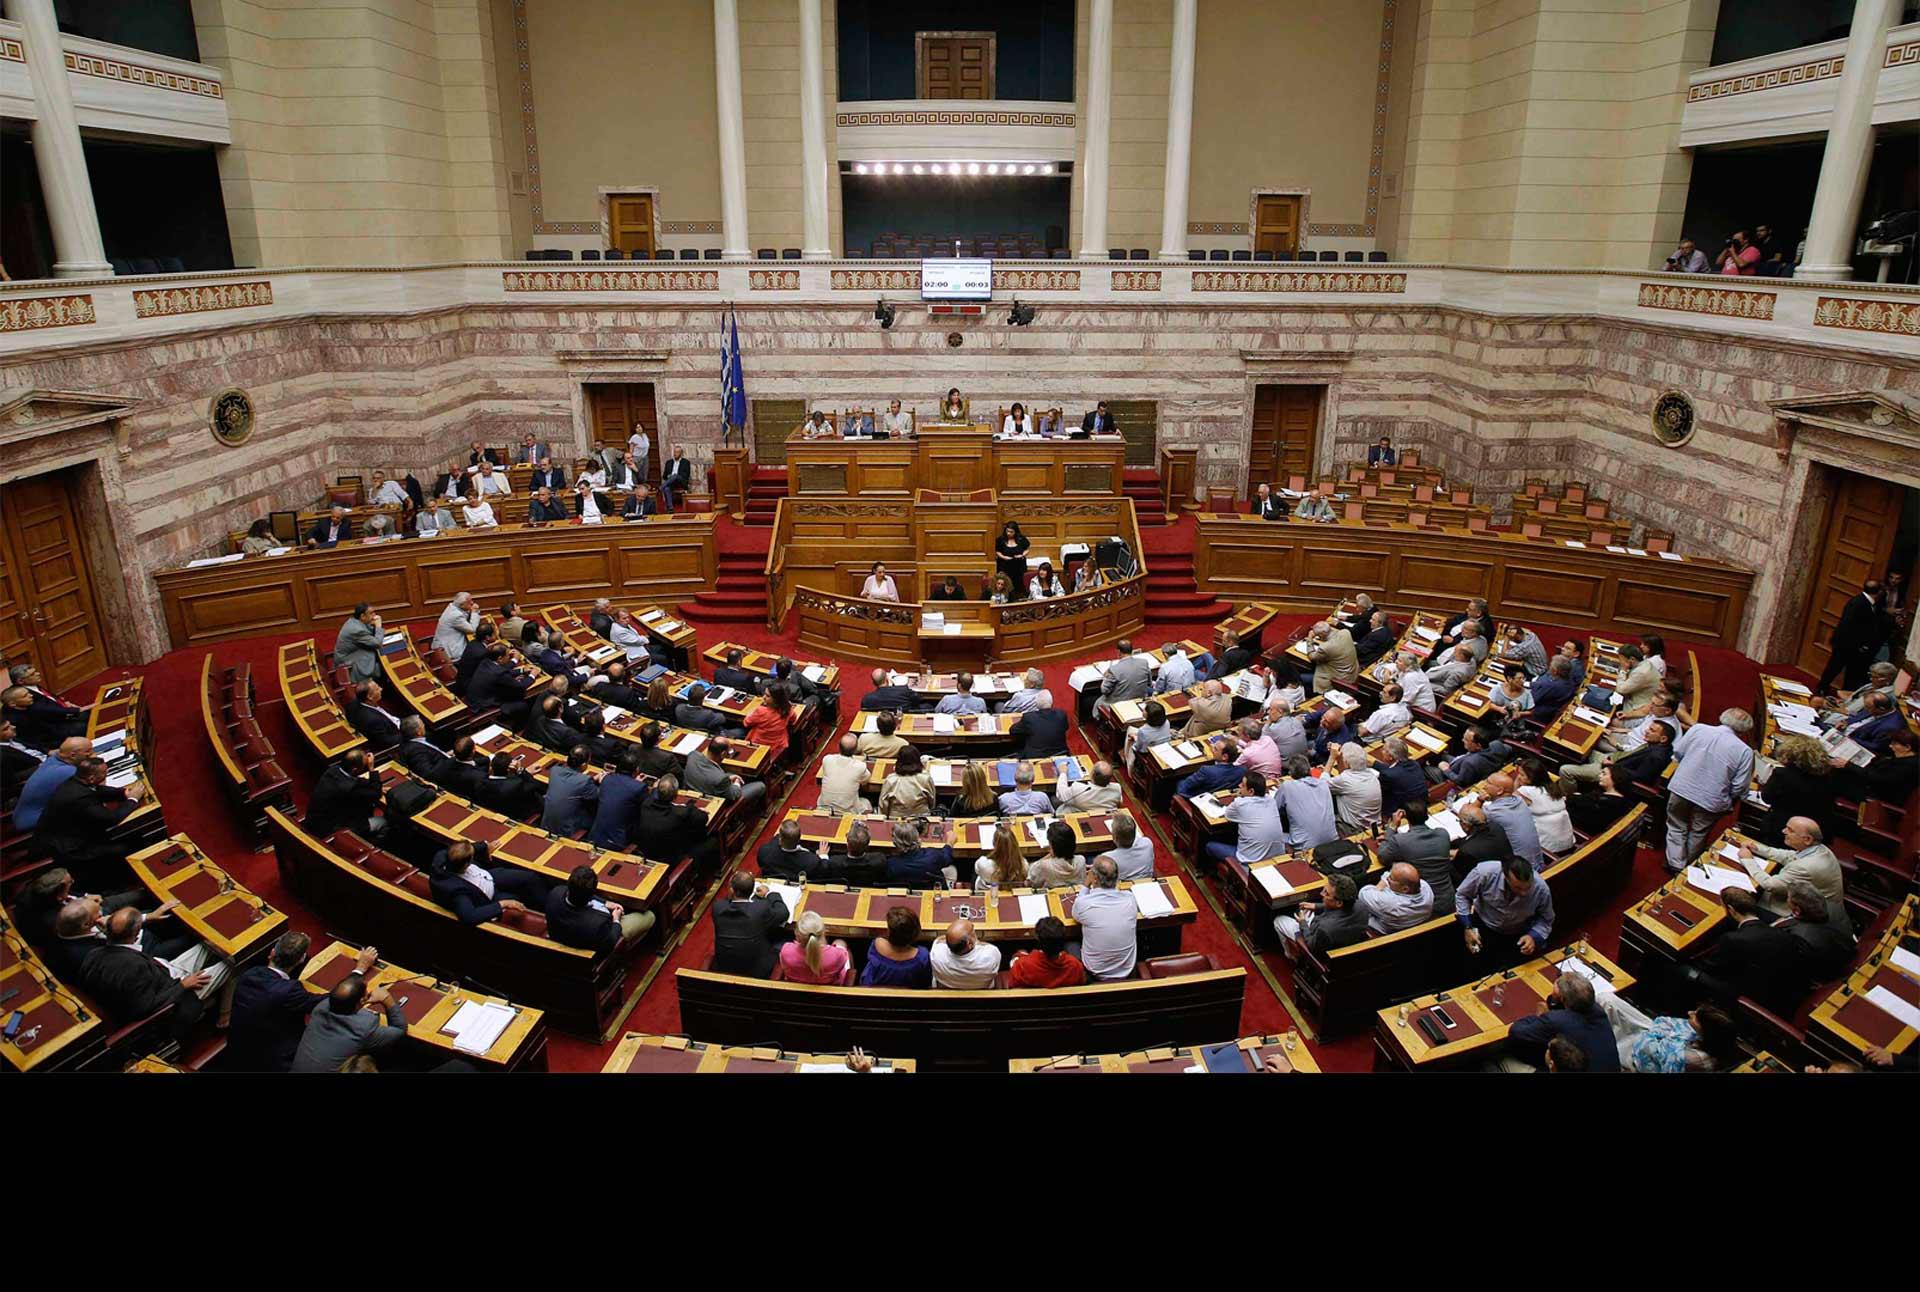 Los legisladores dieron el sí este viernes a la ayuda económica tras un arduo debate nocturno